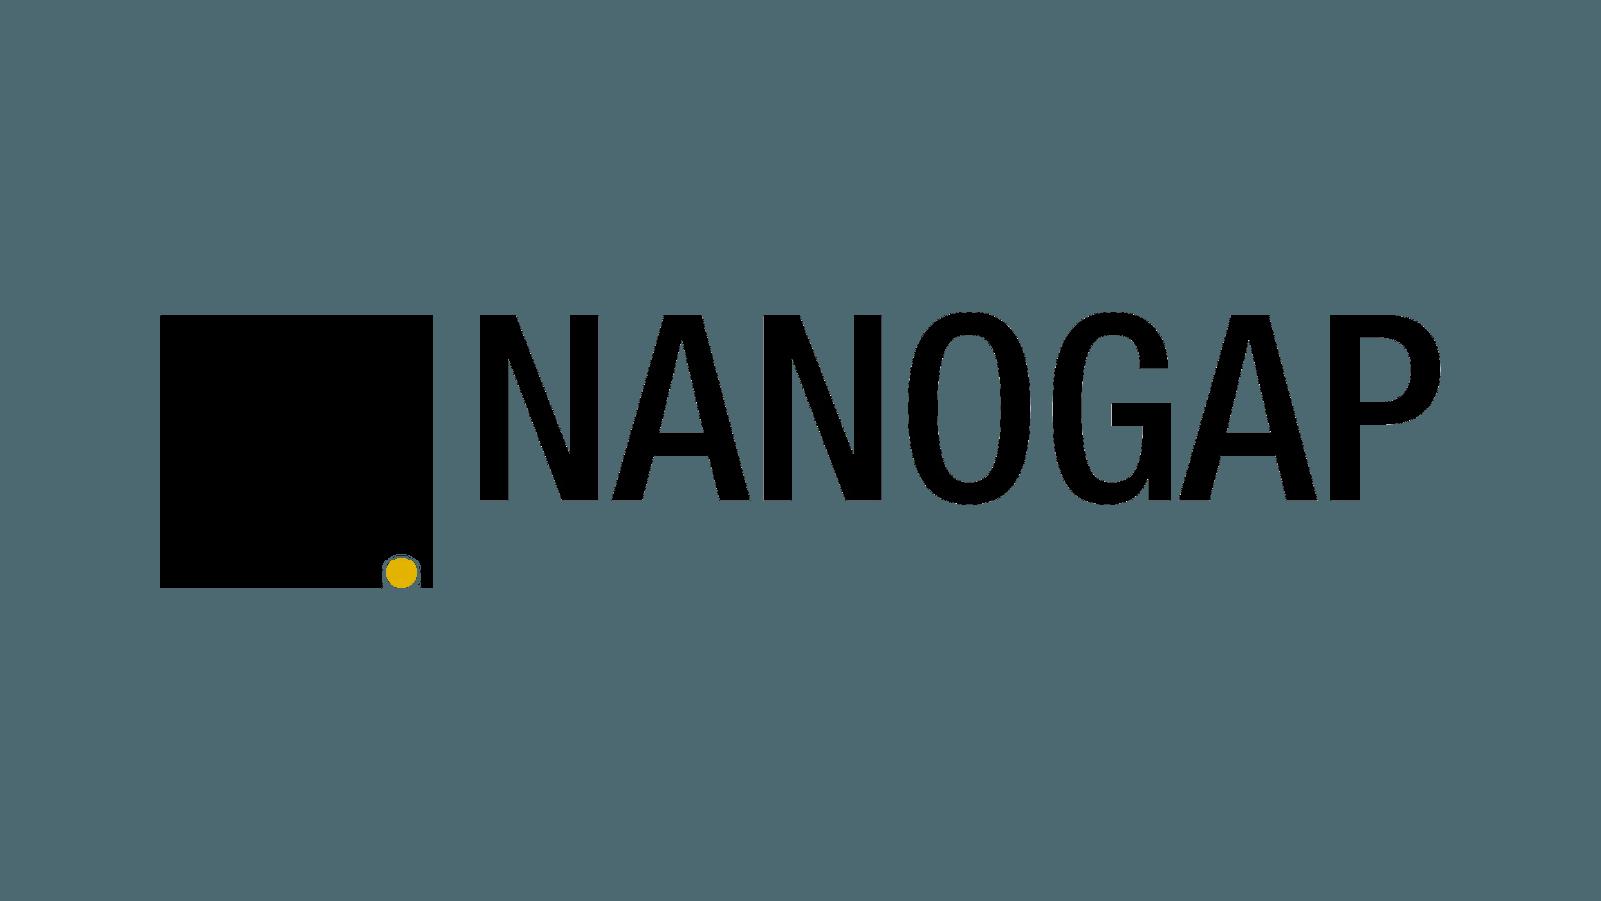 Nanogap logo